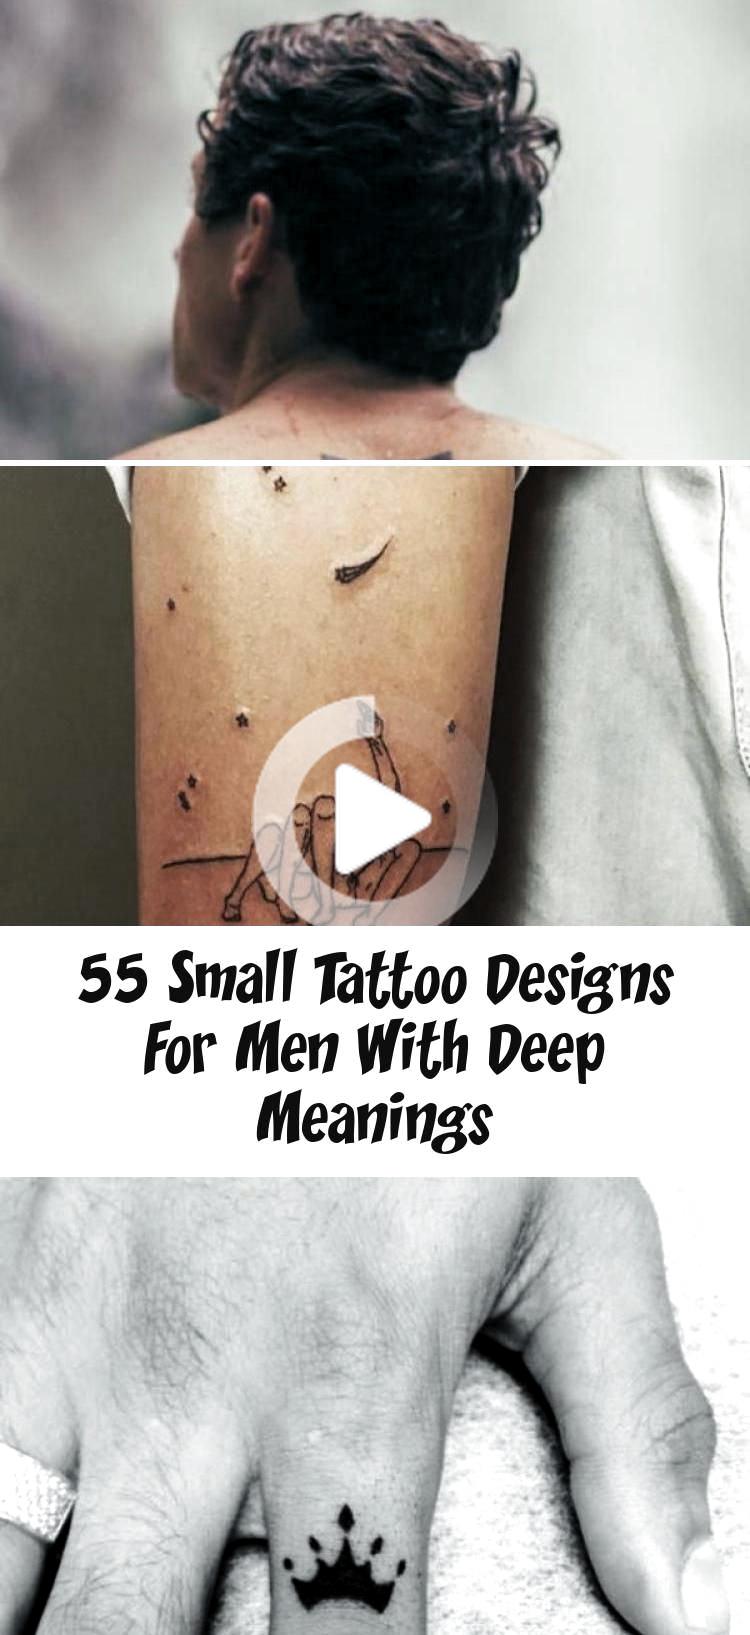 Photo of tatouage conçoit les hommes avec ce que signifie # tatouage #designs # hommes # tatouage tatouage conçoit les hommes | tatouage